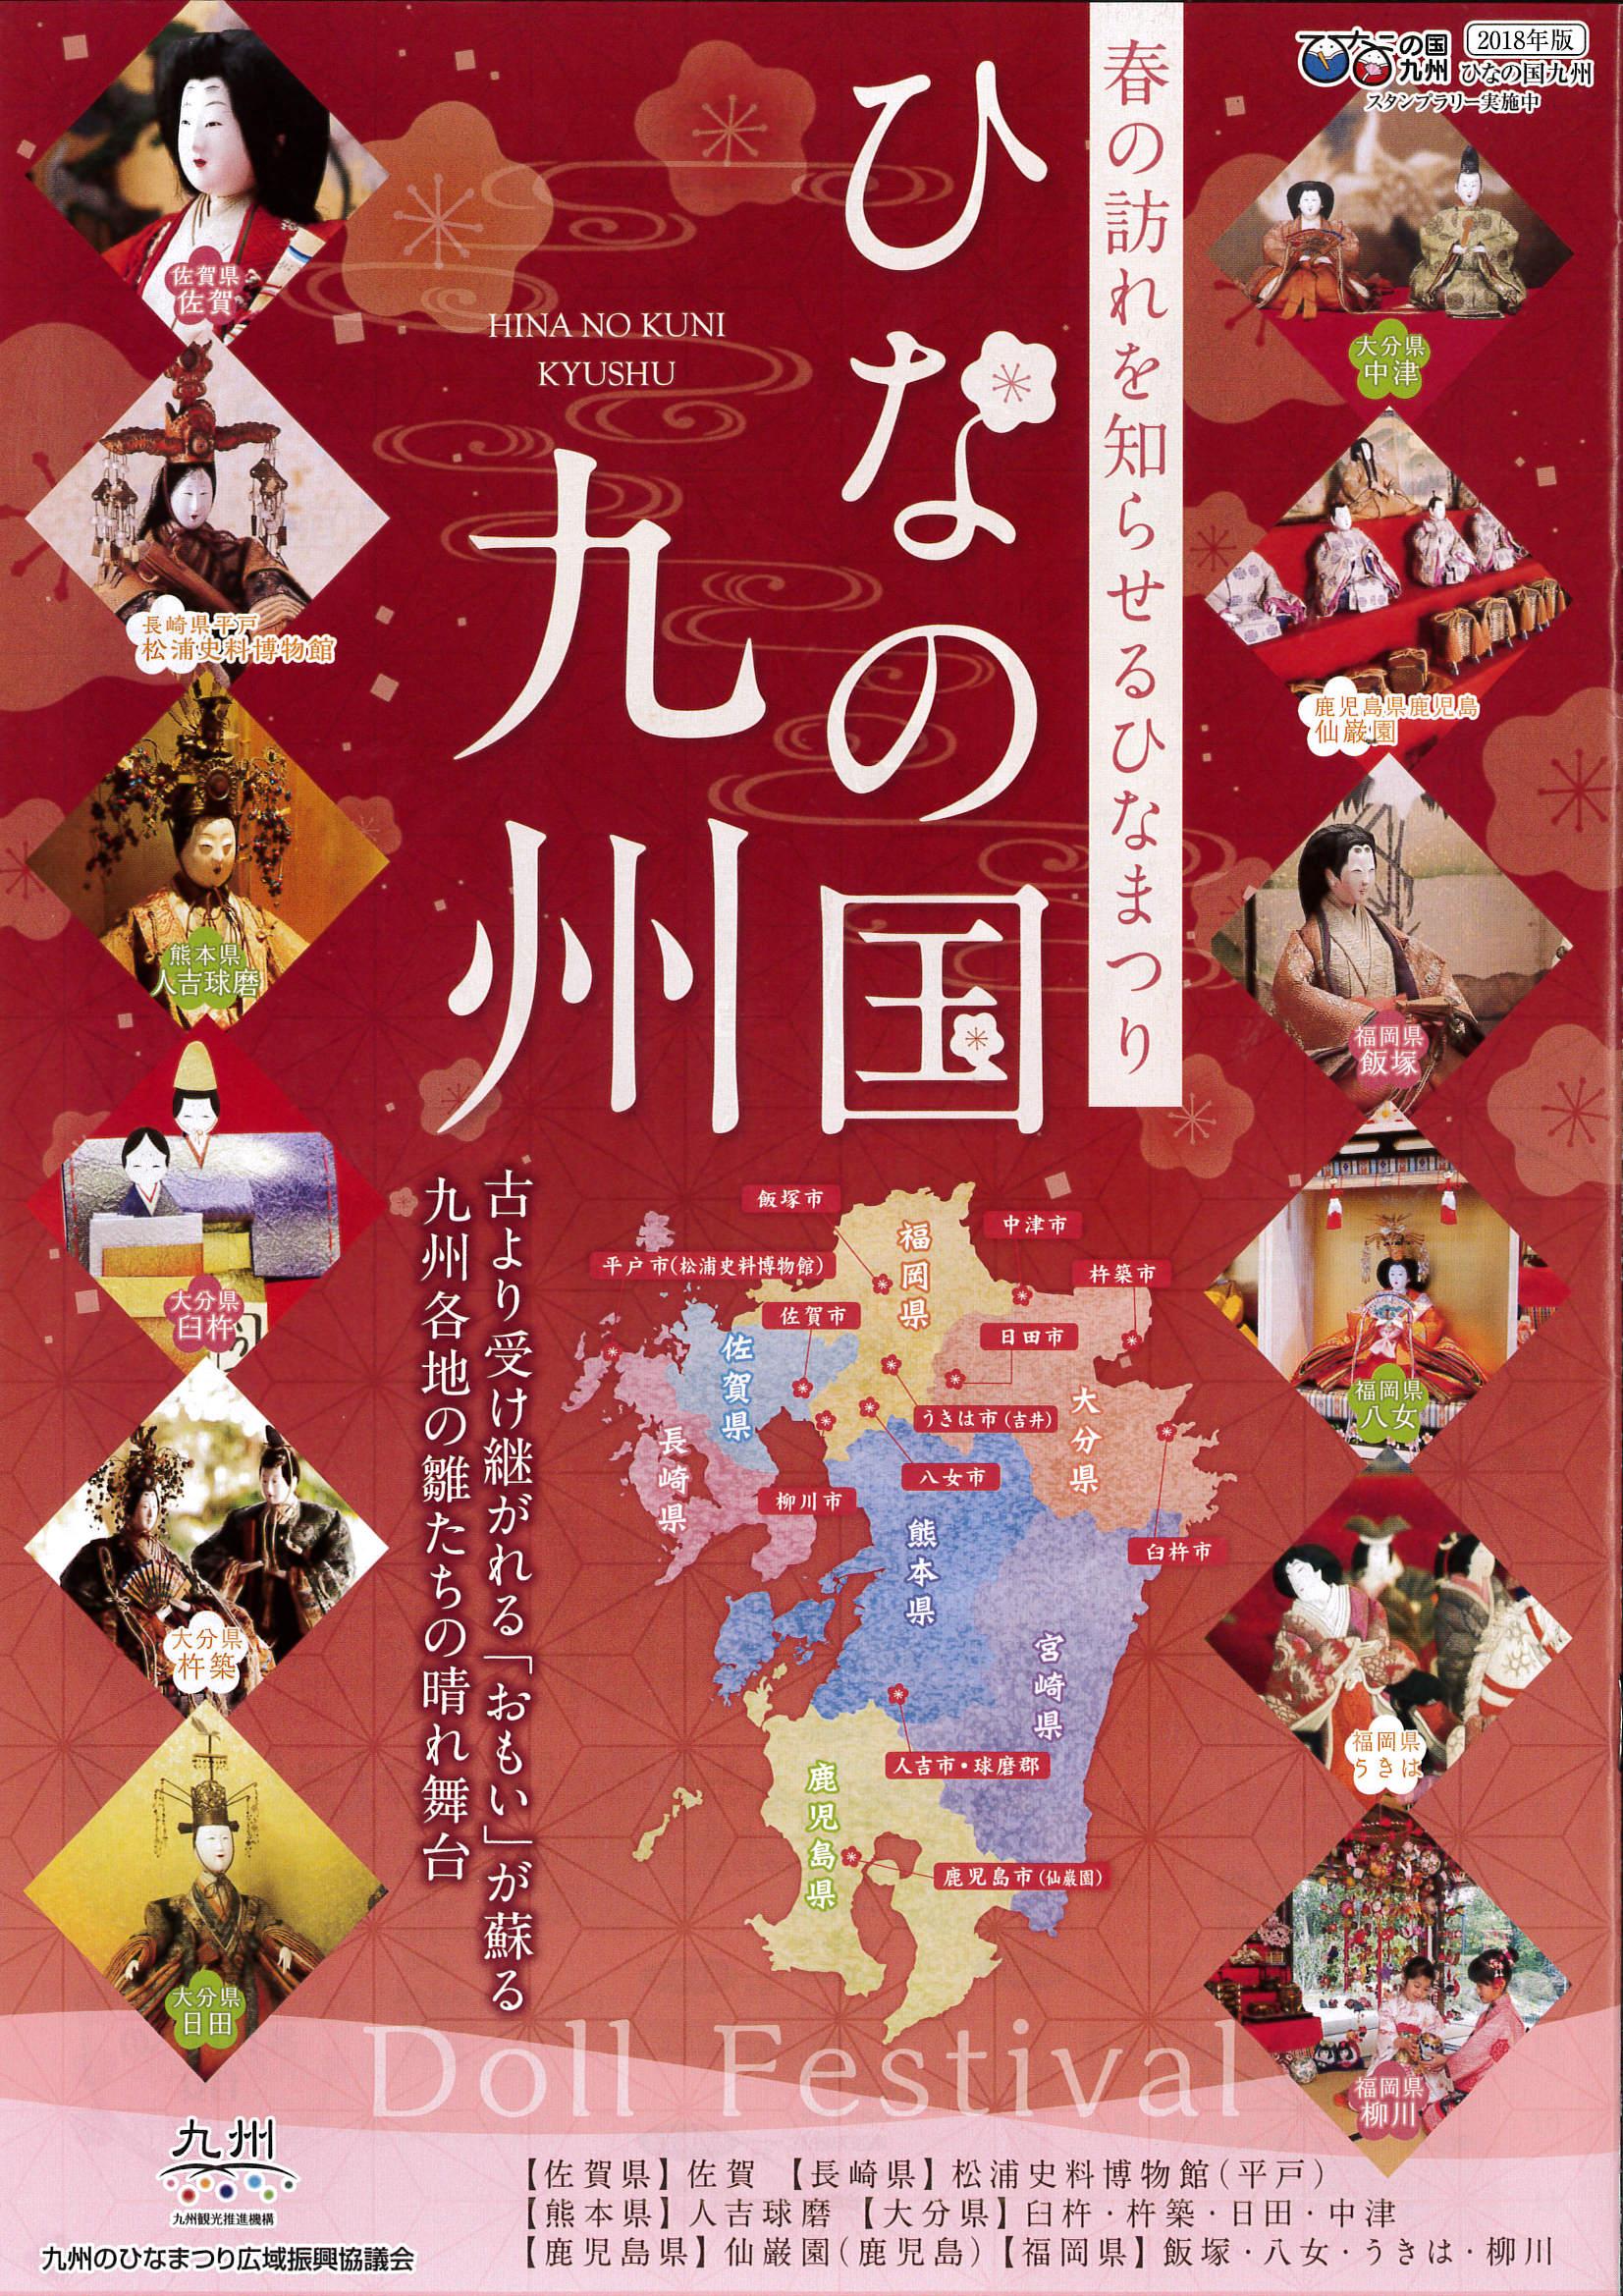 『ひなの国 九州』開催中🎎